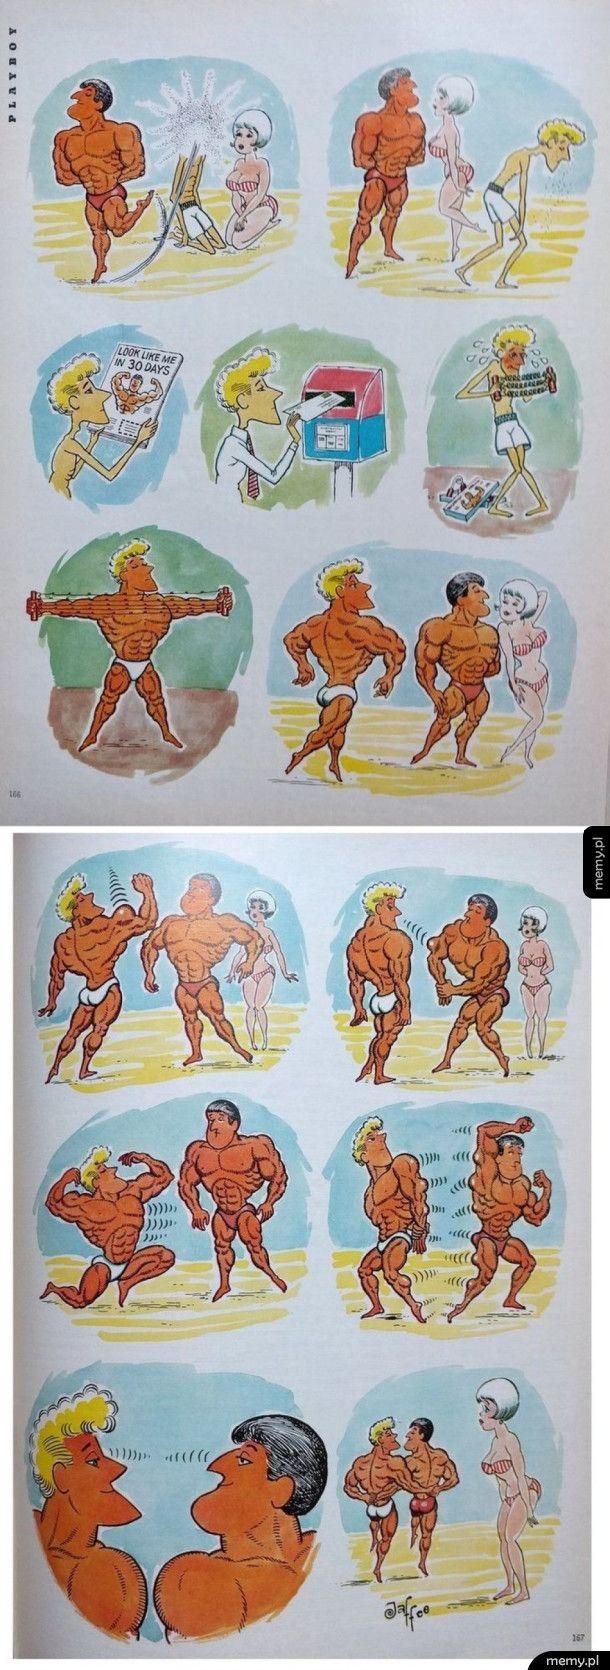 Komiks z Playboya z 1966 roku